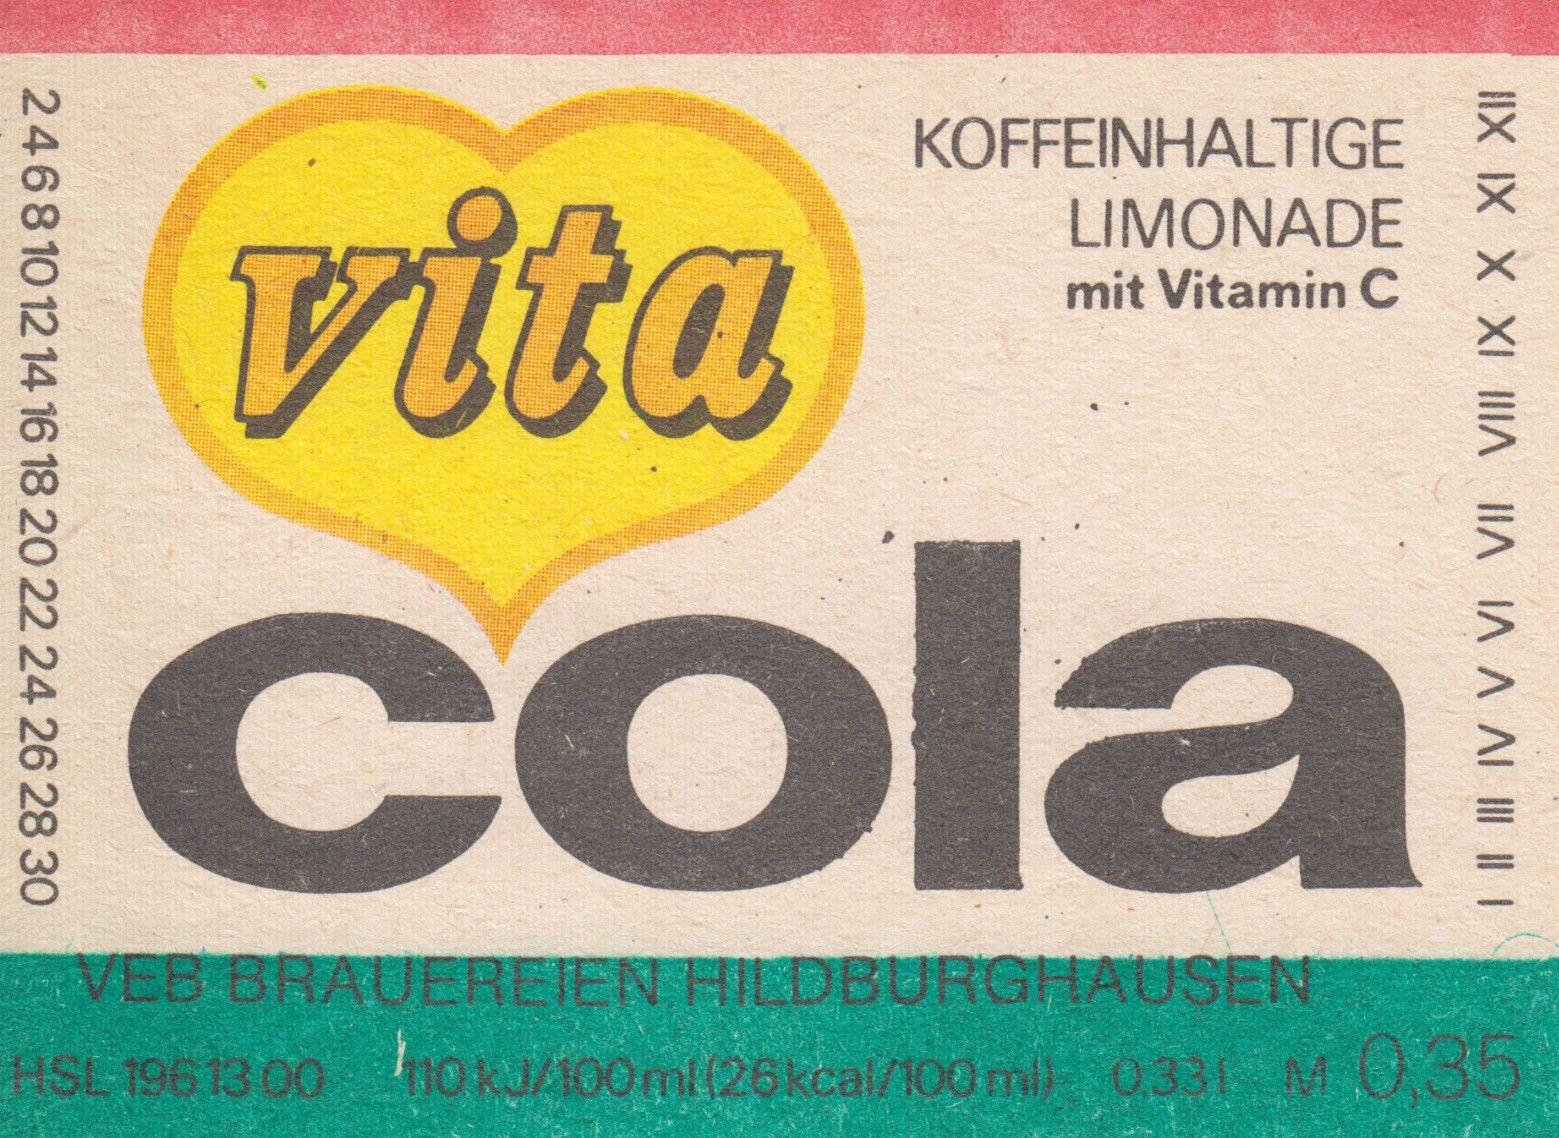 Vita Cola, VEB Brauerei Hildburghausen (Bild: historisches Etikett)